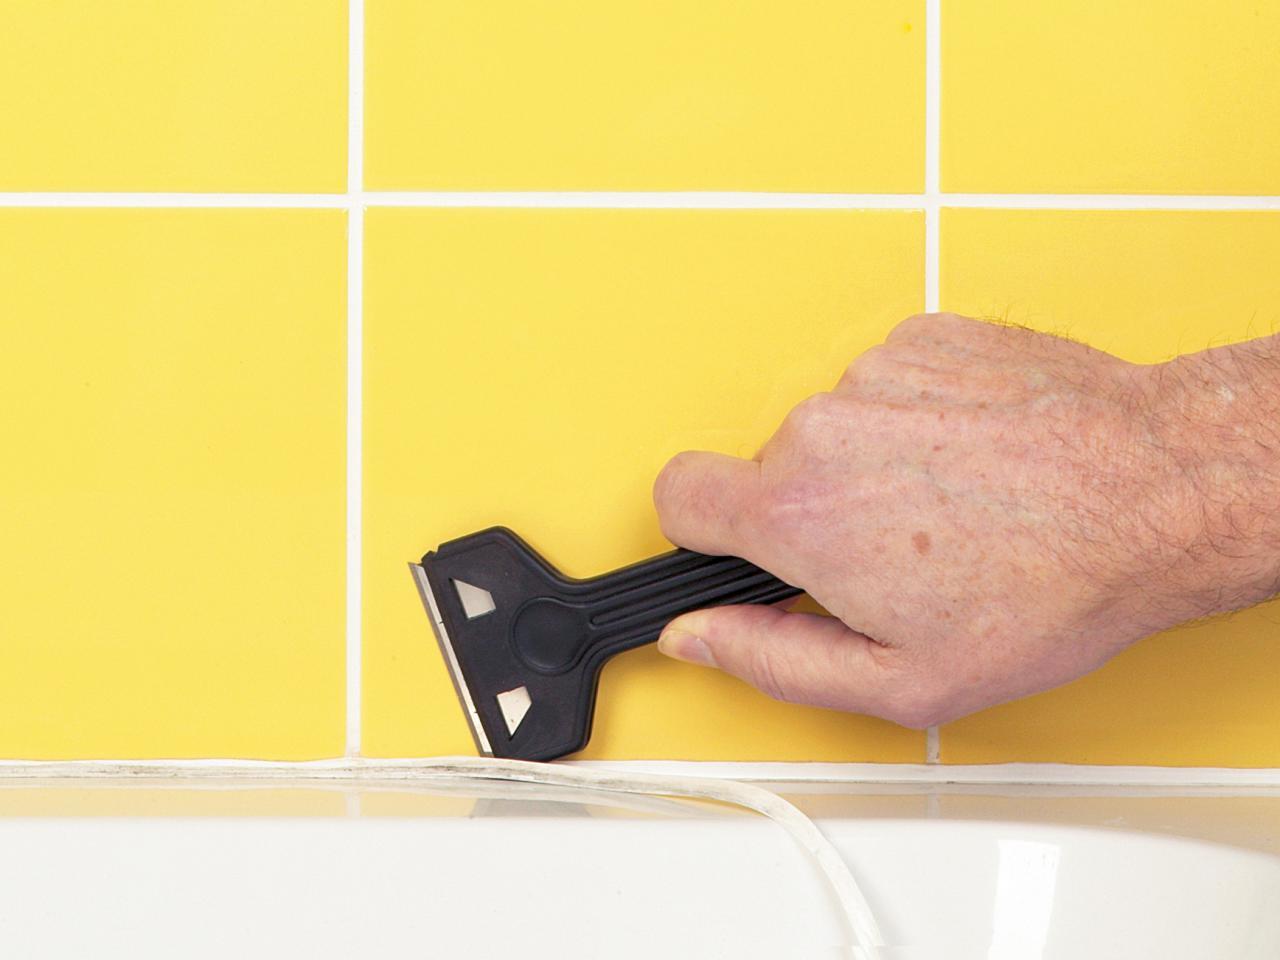 Удаление герметика с ванны